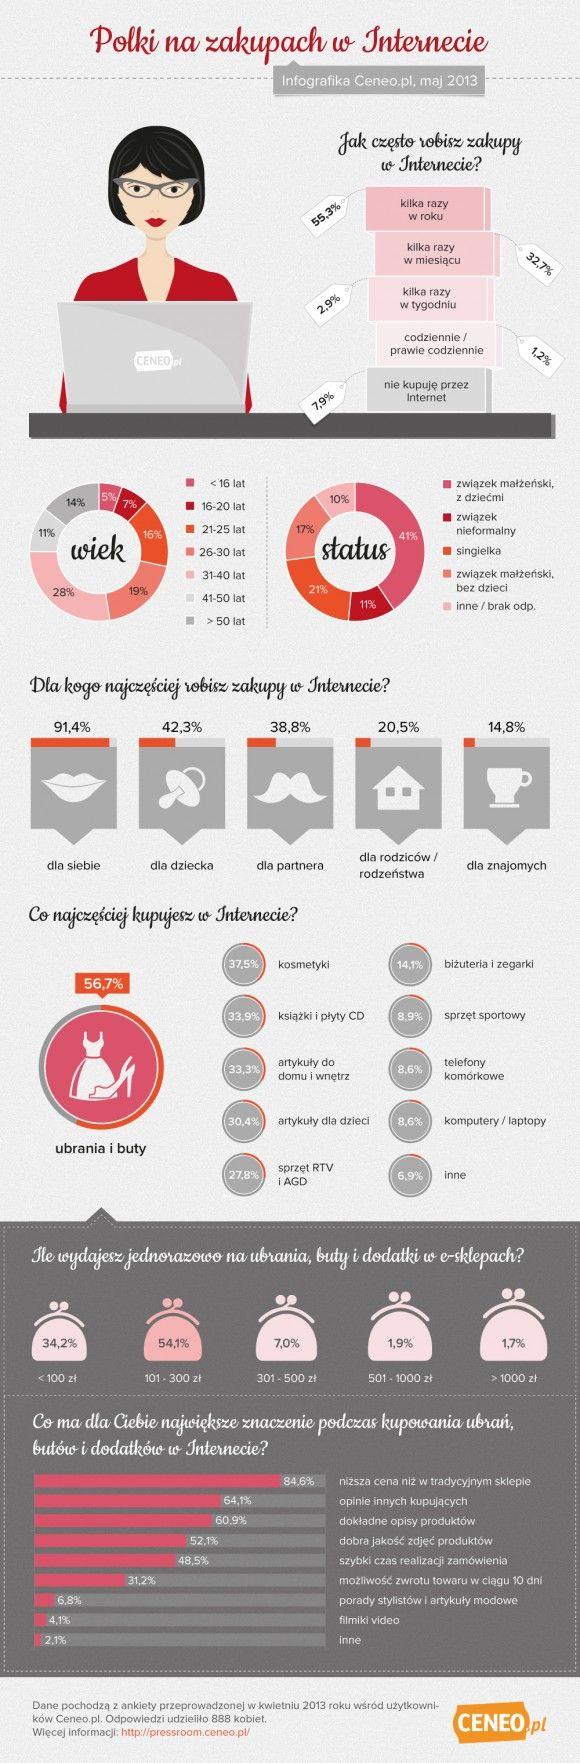 Polki przekonują się do zakupów w Internecie- preser.pl #infografika #preser #internet